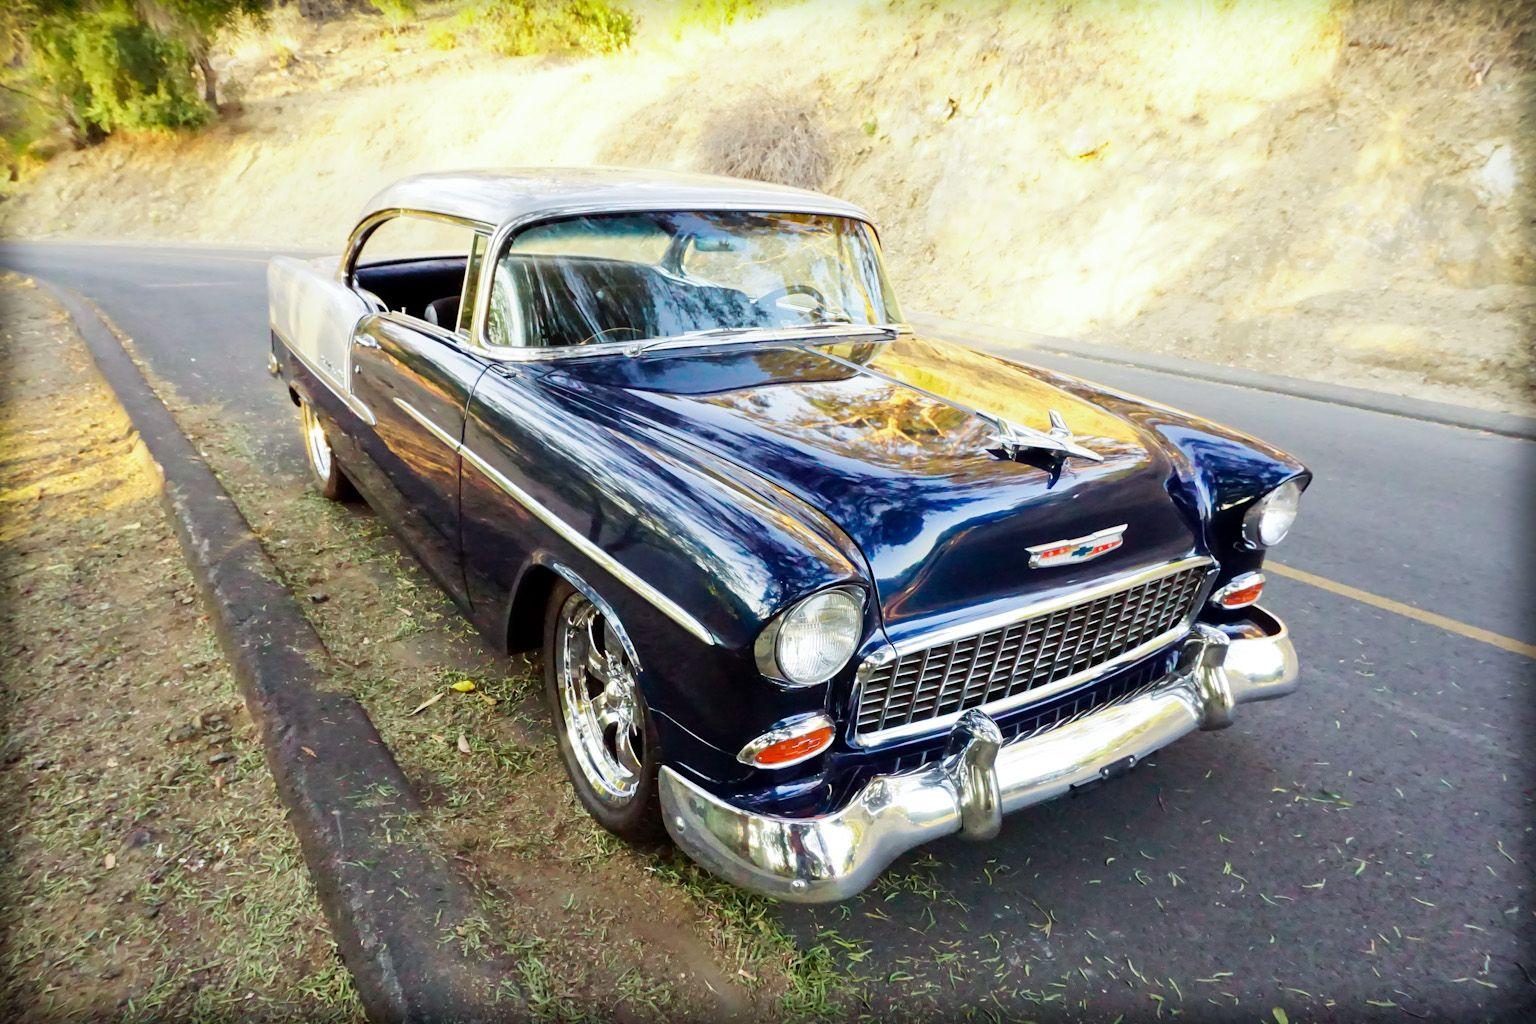 1955 Chevrolet Bel Air Chevrolet Bel Air 1955 Chevrolet Bel Air